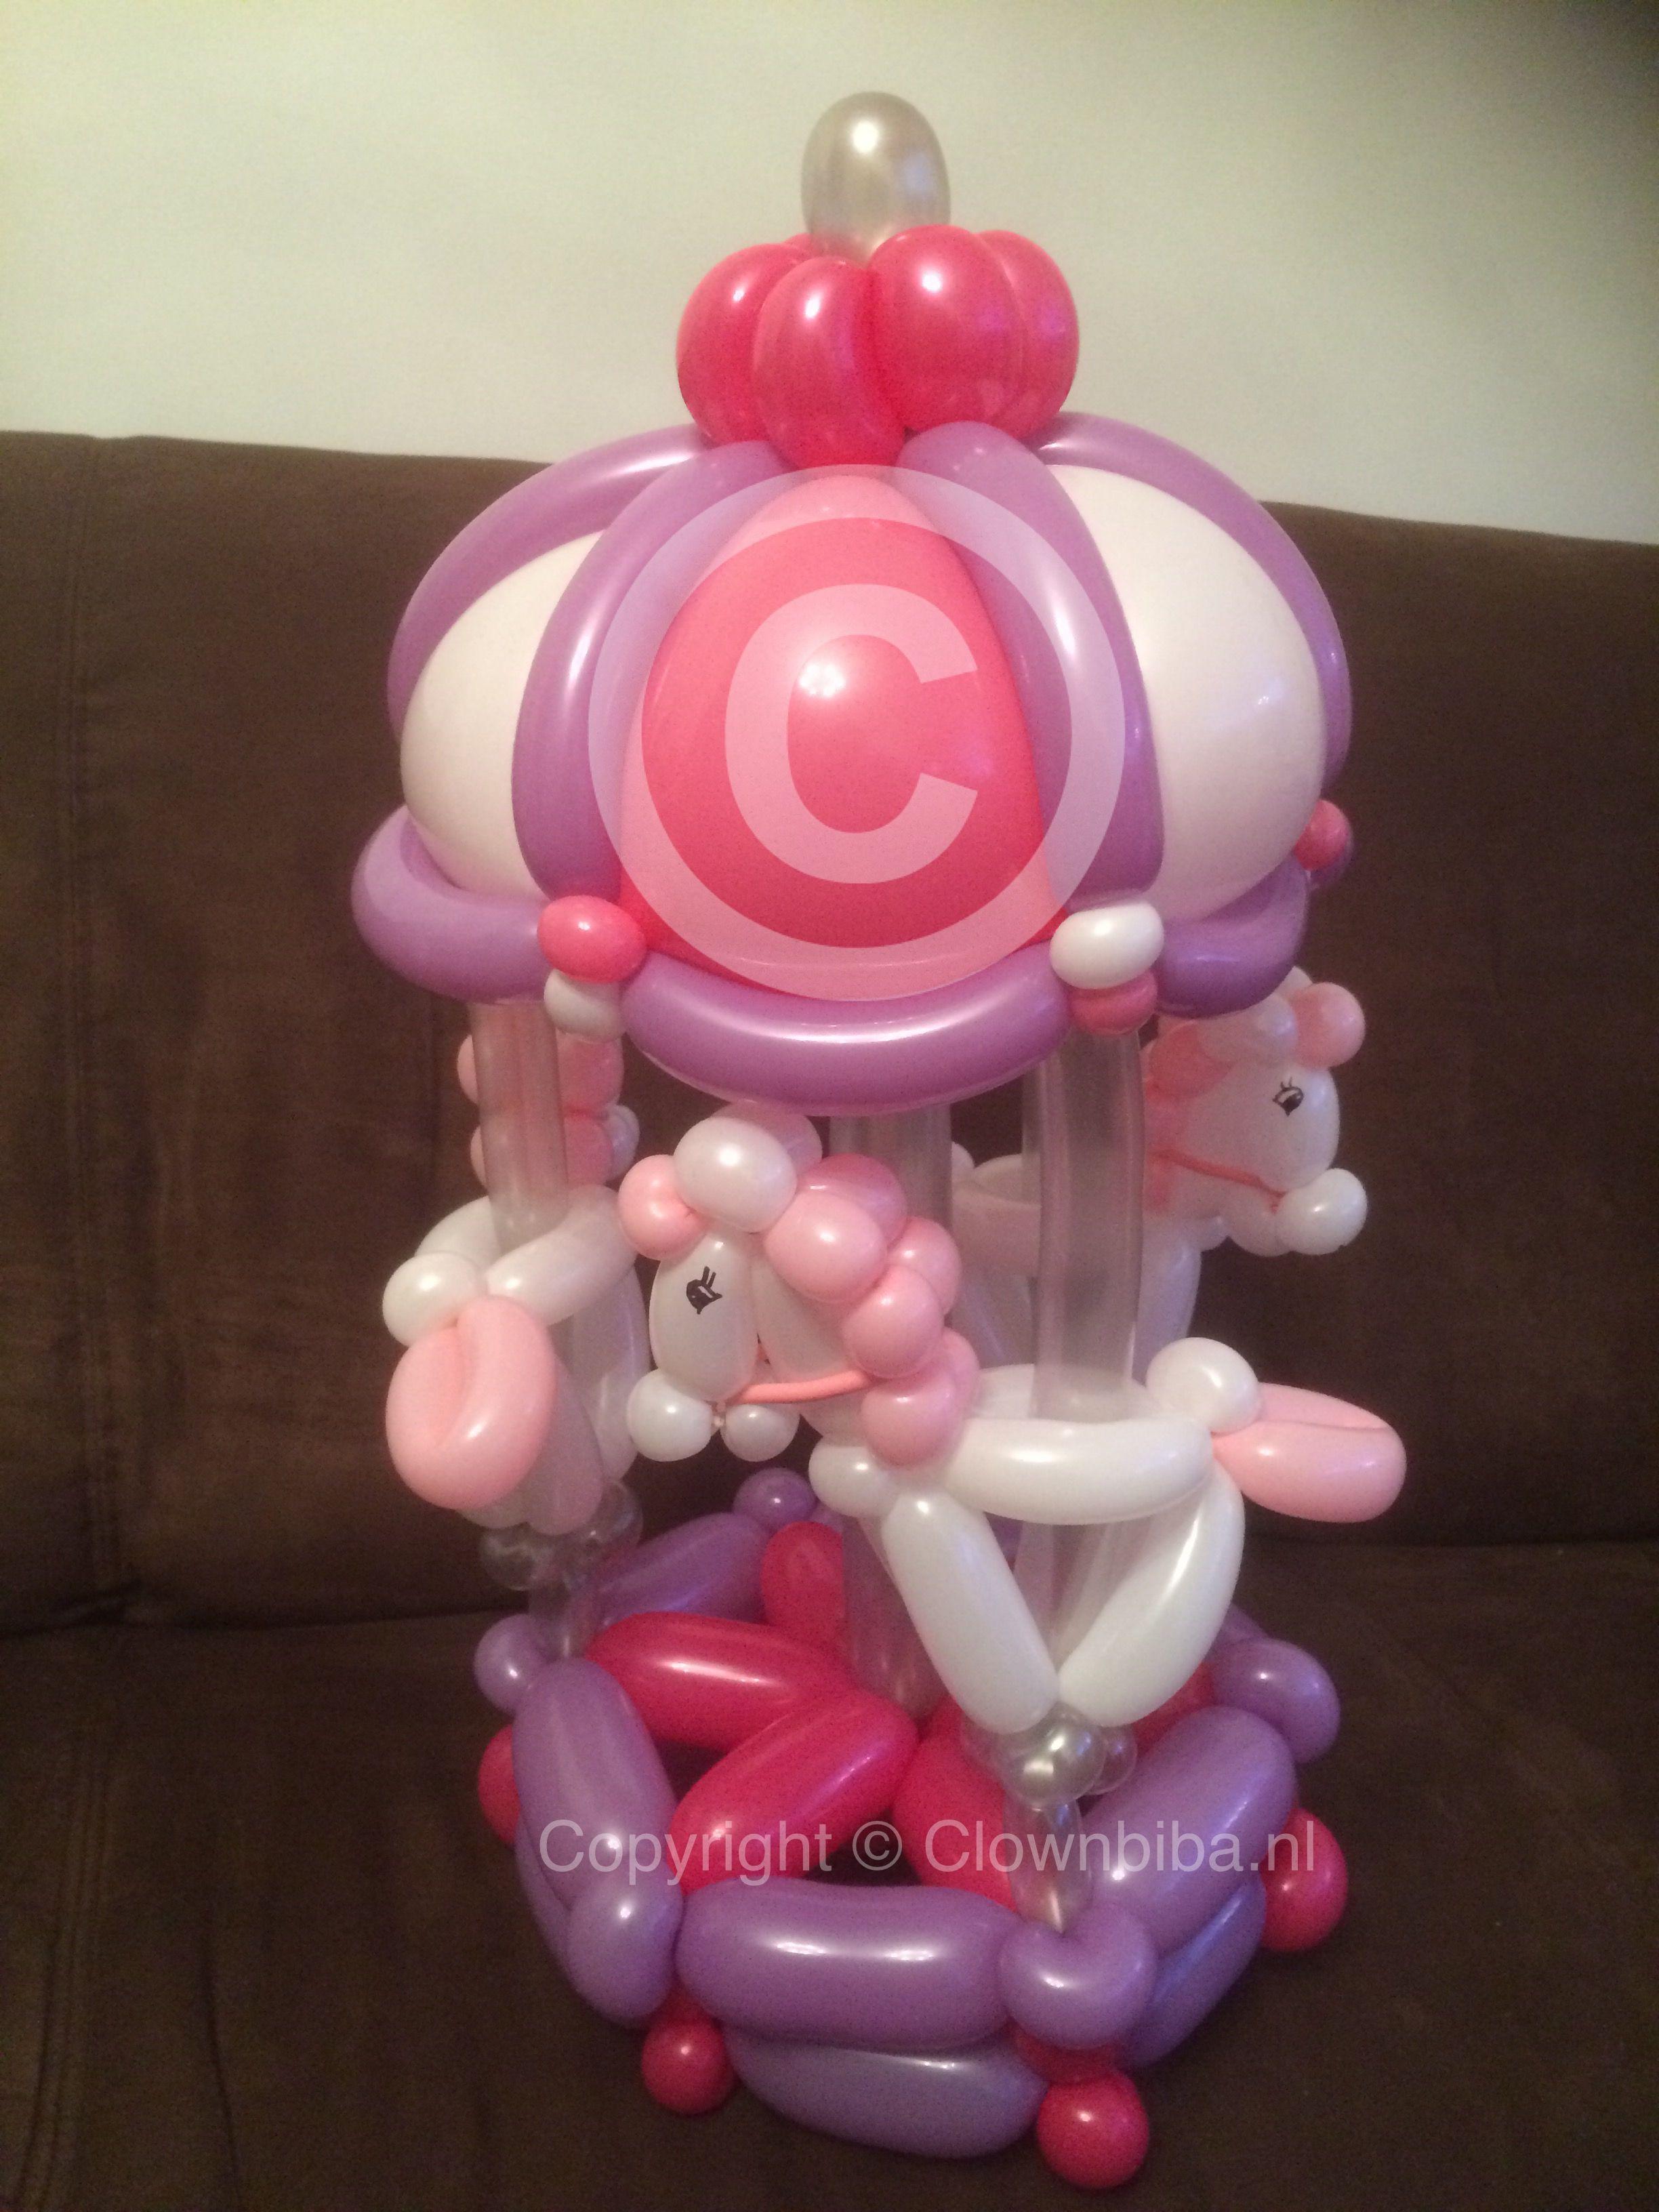 Clown Biba: Draaimolen. Gemaakt naar een voorbeeld van internet.